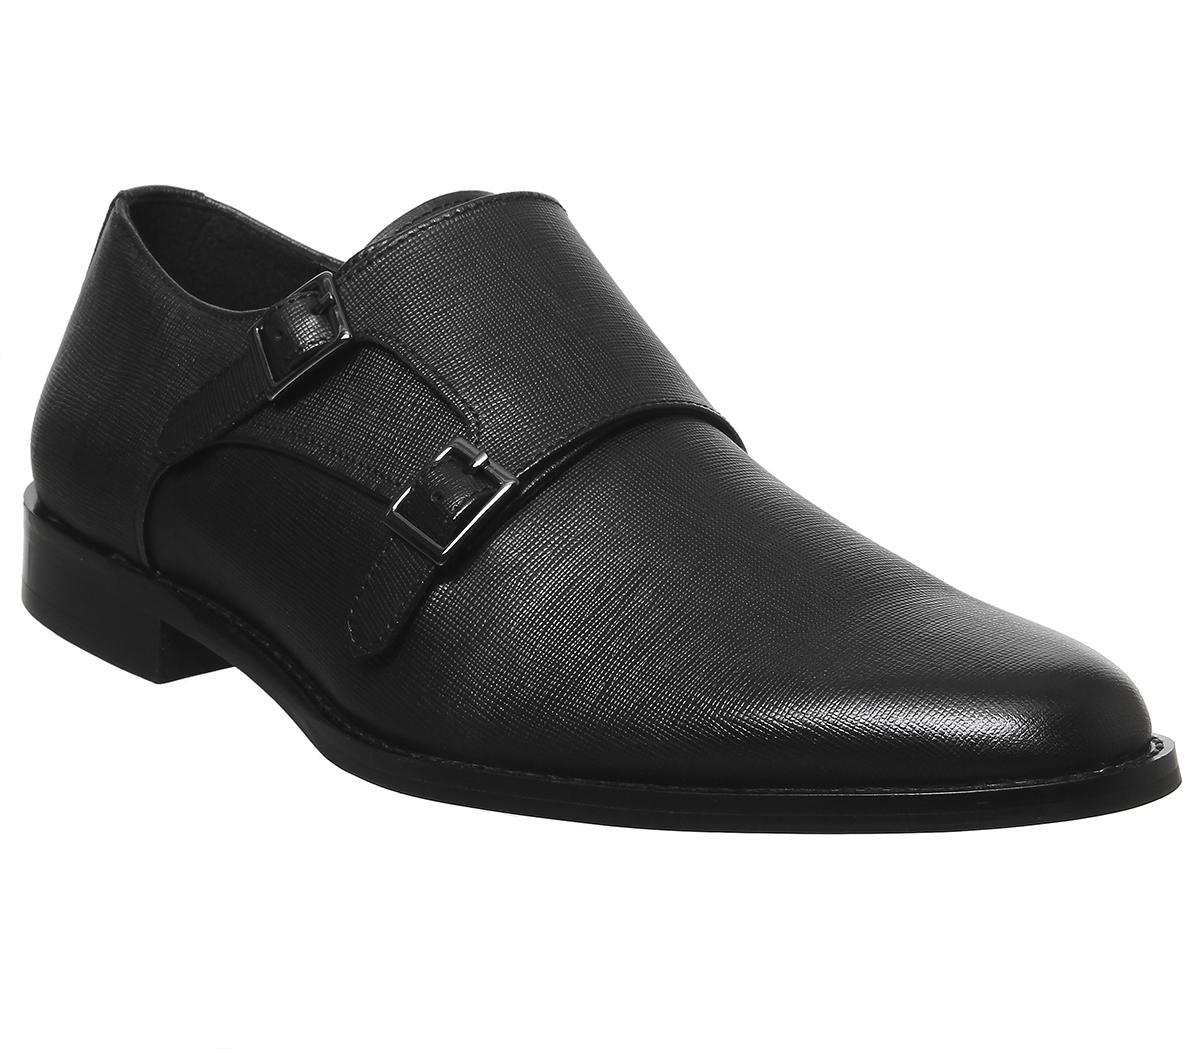 Milo Monk Shoes